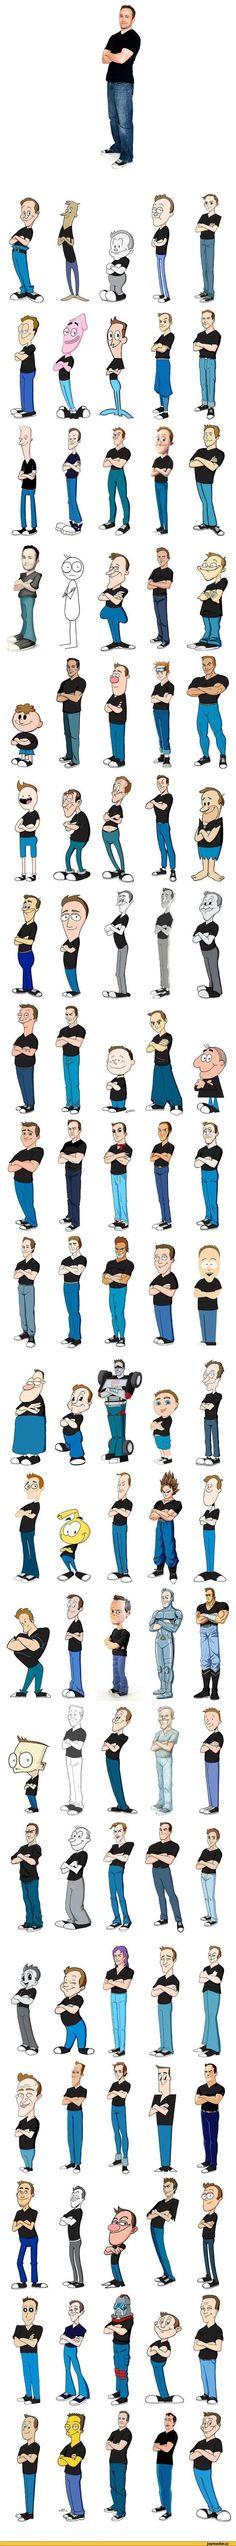 Los 100 autoretratos de Kevin McShane.